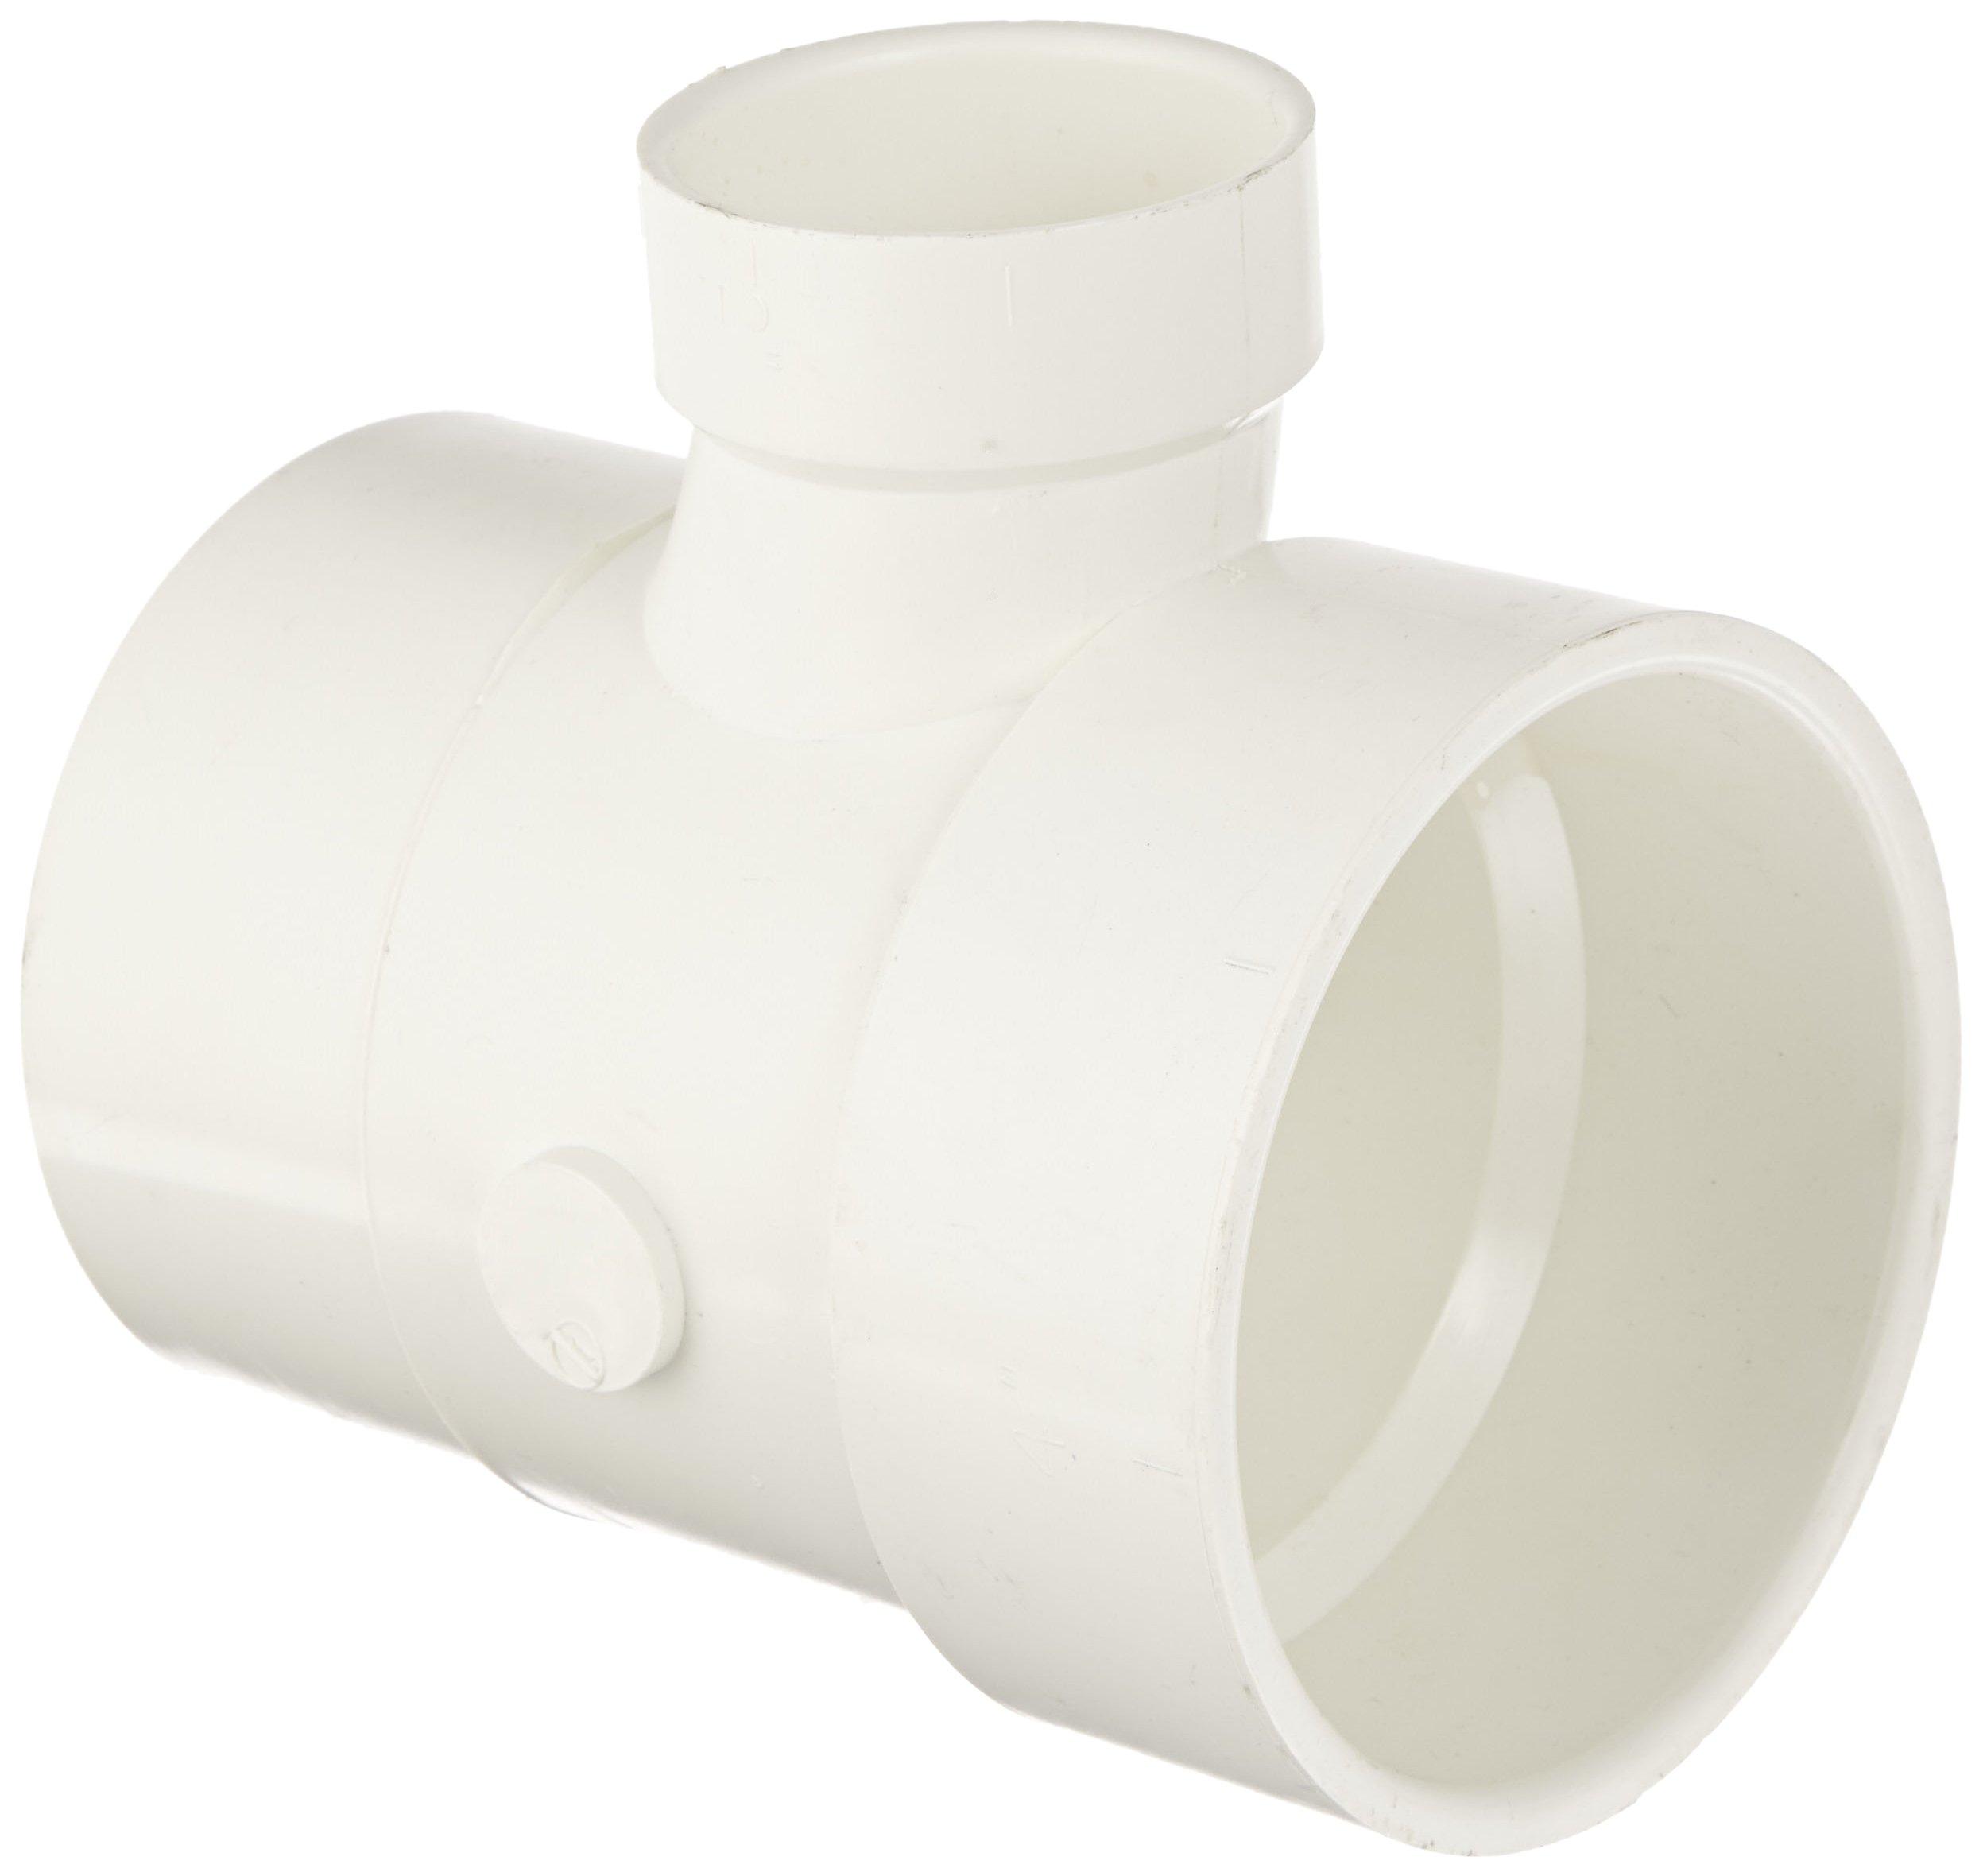 Spears P404 Series PVC DWV Pipe Fitting, Reducing Sanitary Tee, 4'' Spigot x 4'' Hub x 2'' Hub